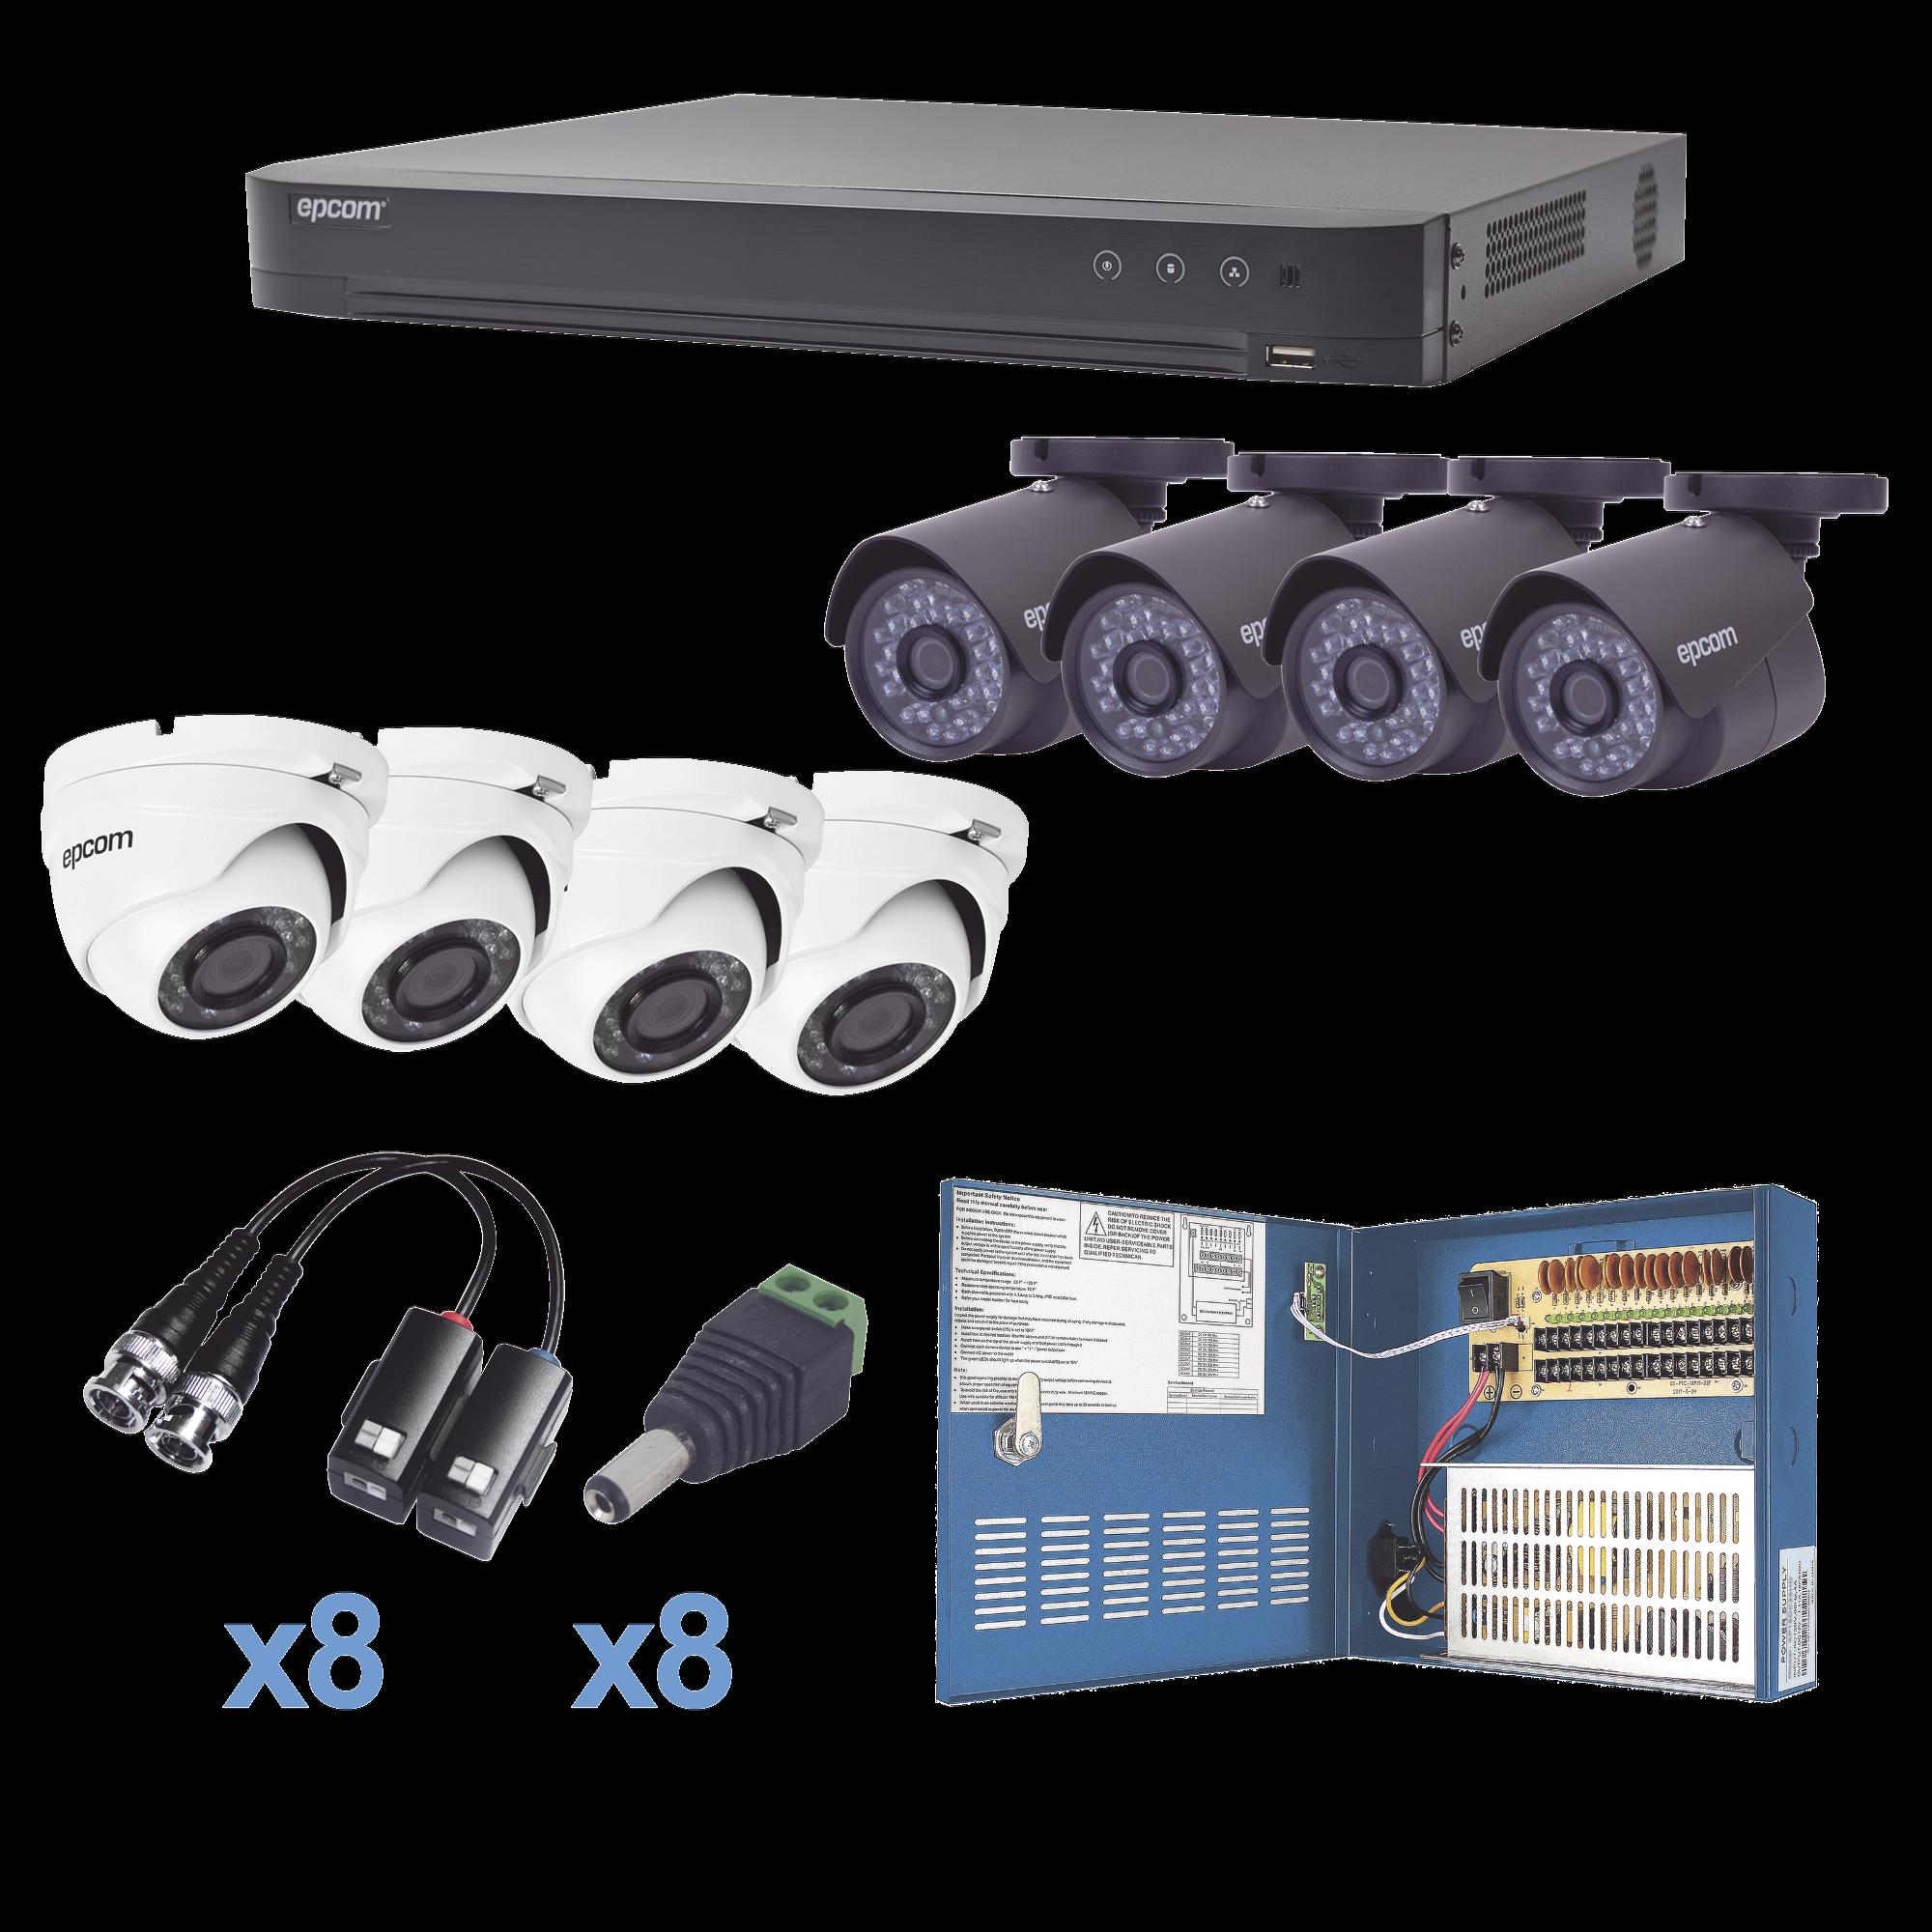 Sistema TURBOHD 1080p / DVR 8 Canales / 4 Cámaras Bala (exterior 2.8 mm) / 4 Cámaras Eyeball (exterior 2.8 mm) / Transceptores / Conectores / Fuente de Poder Profesional hasta 15 Vcd para Largas Distancias